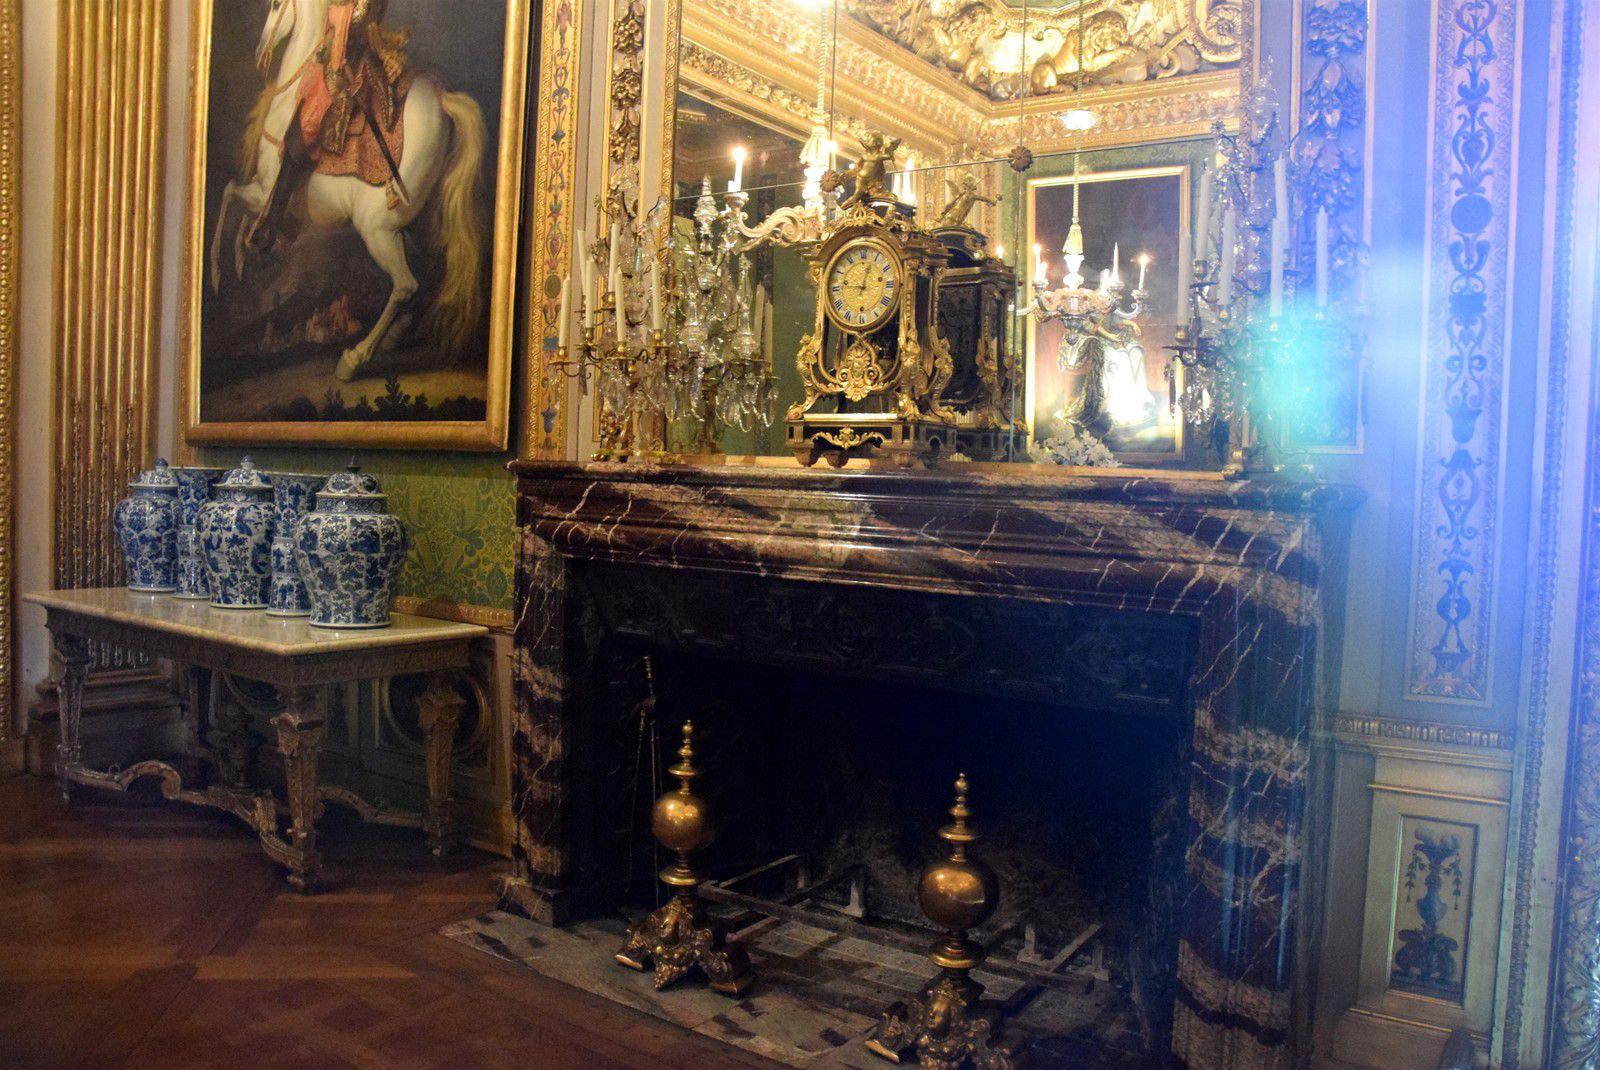 Décor de la chambre du roi : Bureau, pendule Cartel